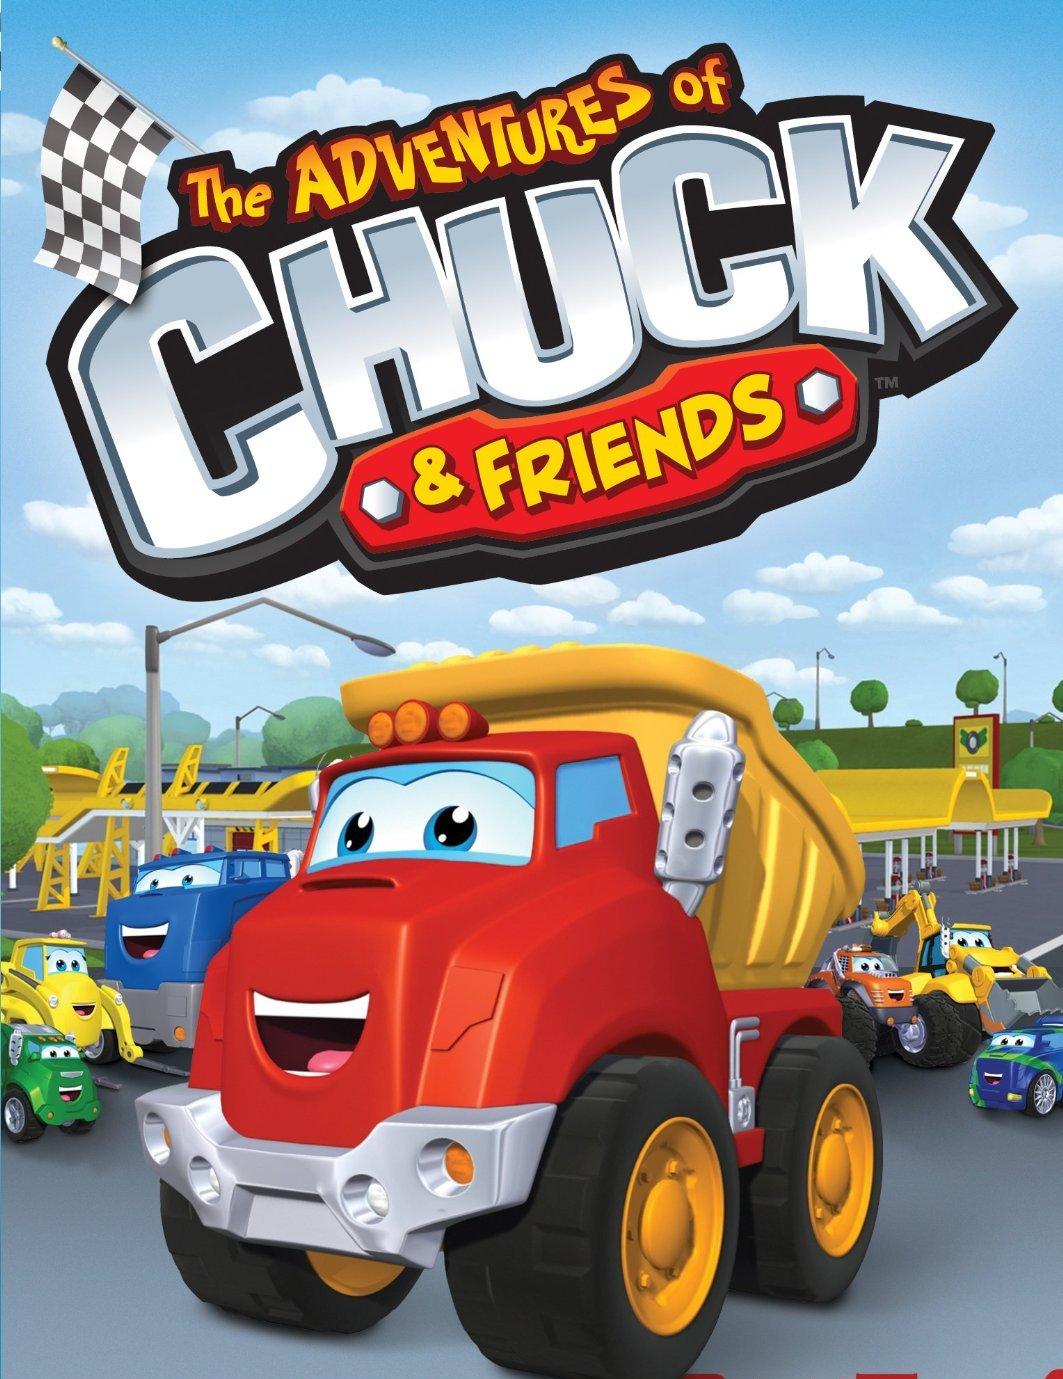 Le avventure di Chuck & Friends: un poster per la serie